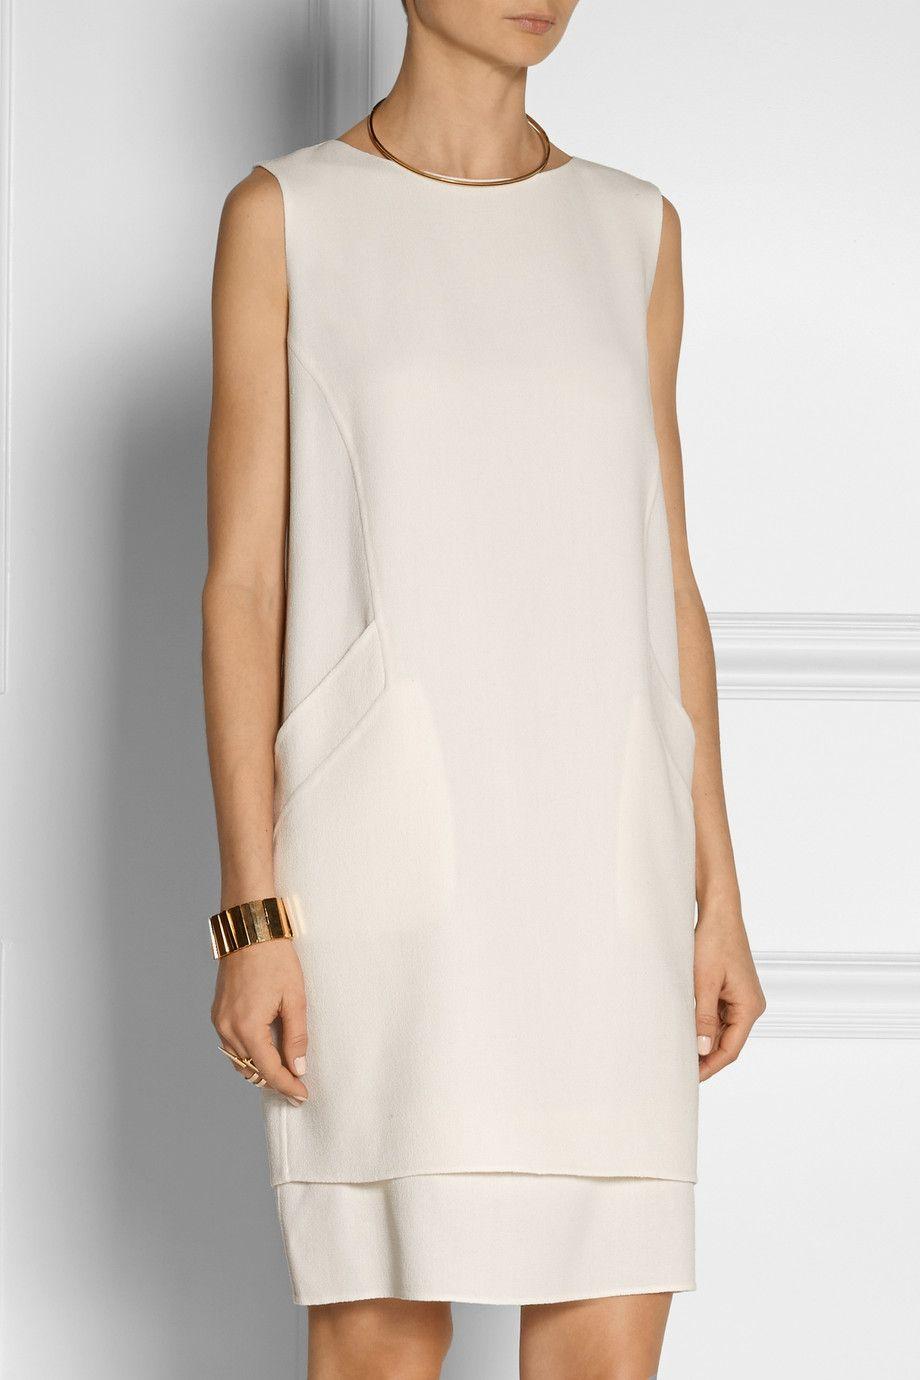 Oscar de la Renta | Wool-crepe shift dress | NET-A-PORTER.COM